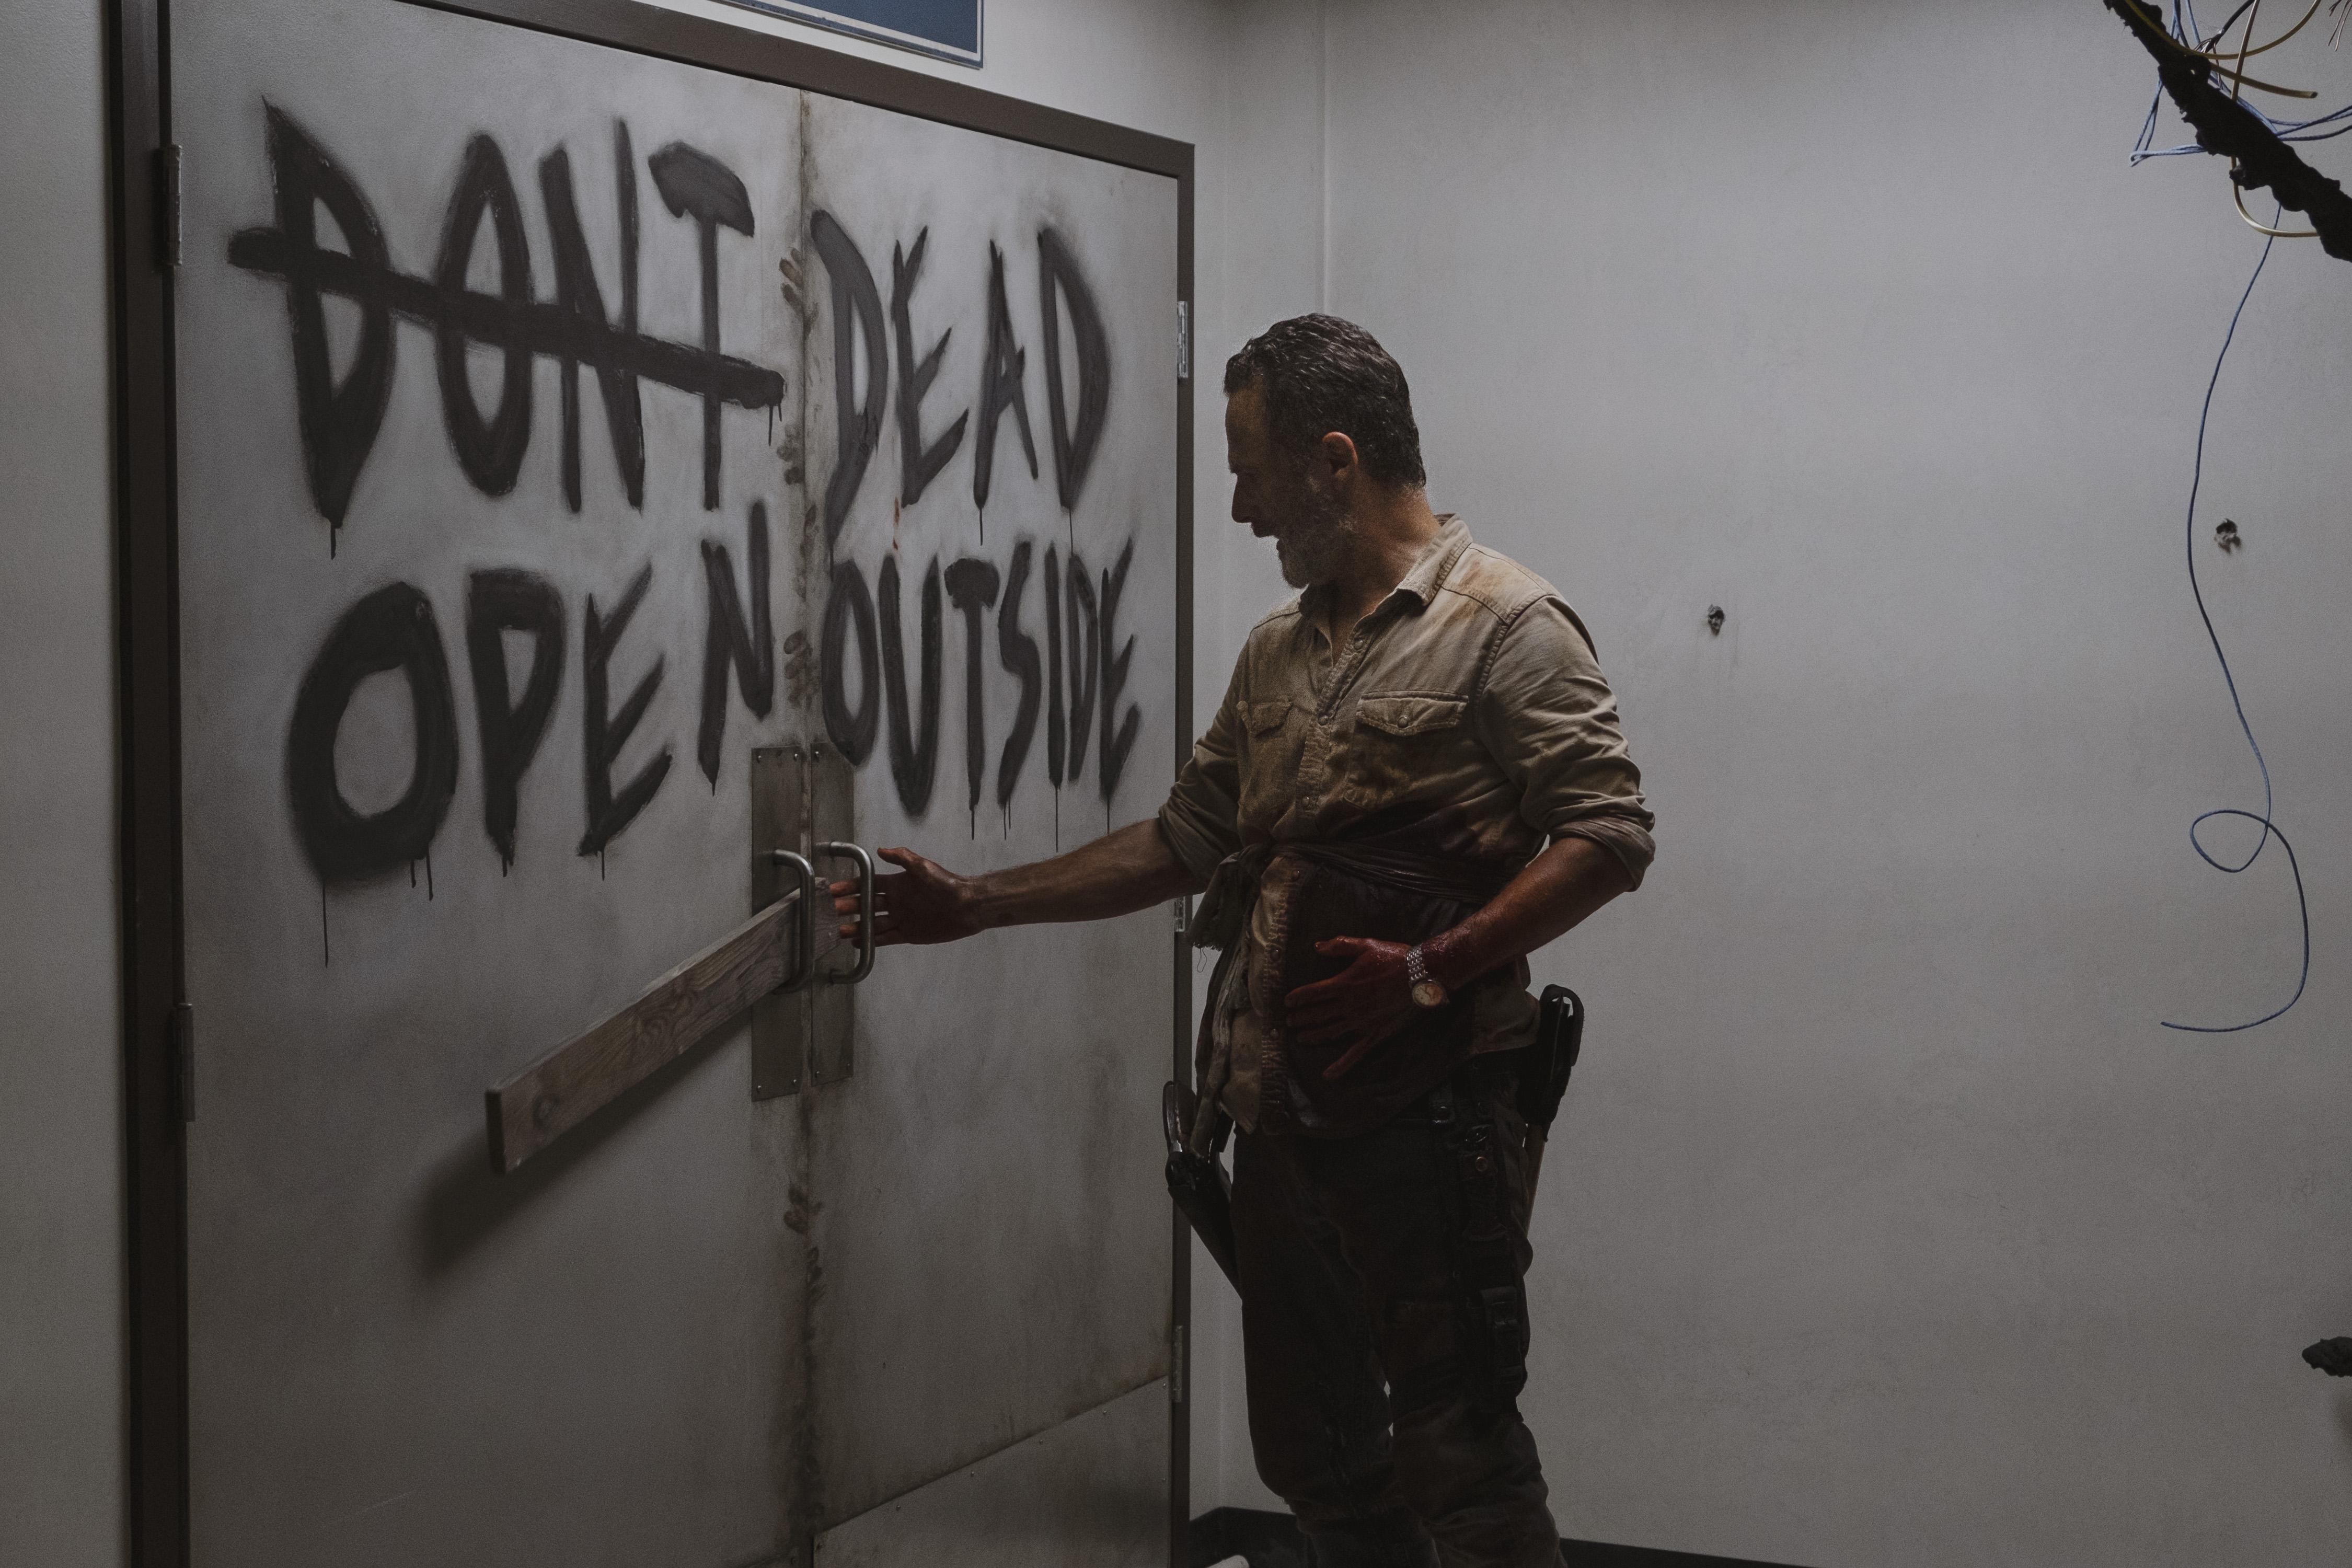 Rick Grimes (Andrew Lincoln) est aux portes de la mort et utilise ses dernières forces pour détourner la horde des colonies - The Walking Dead - Saison 9, Épisode 5 - Crédit photo : Gene Page/AMC